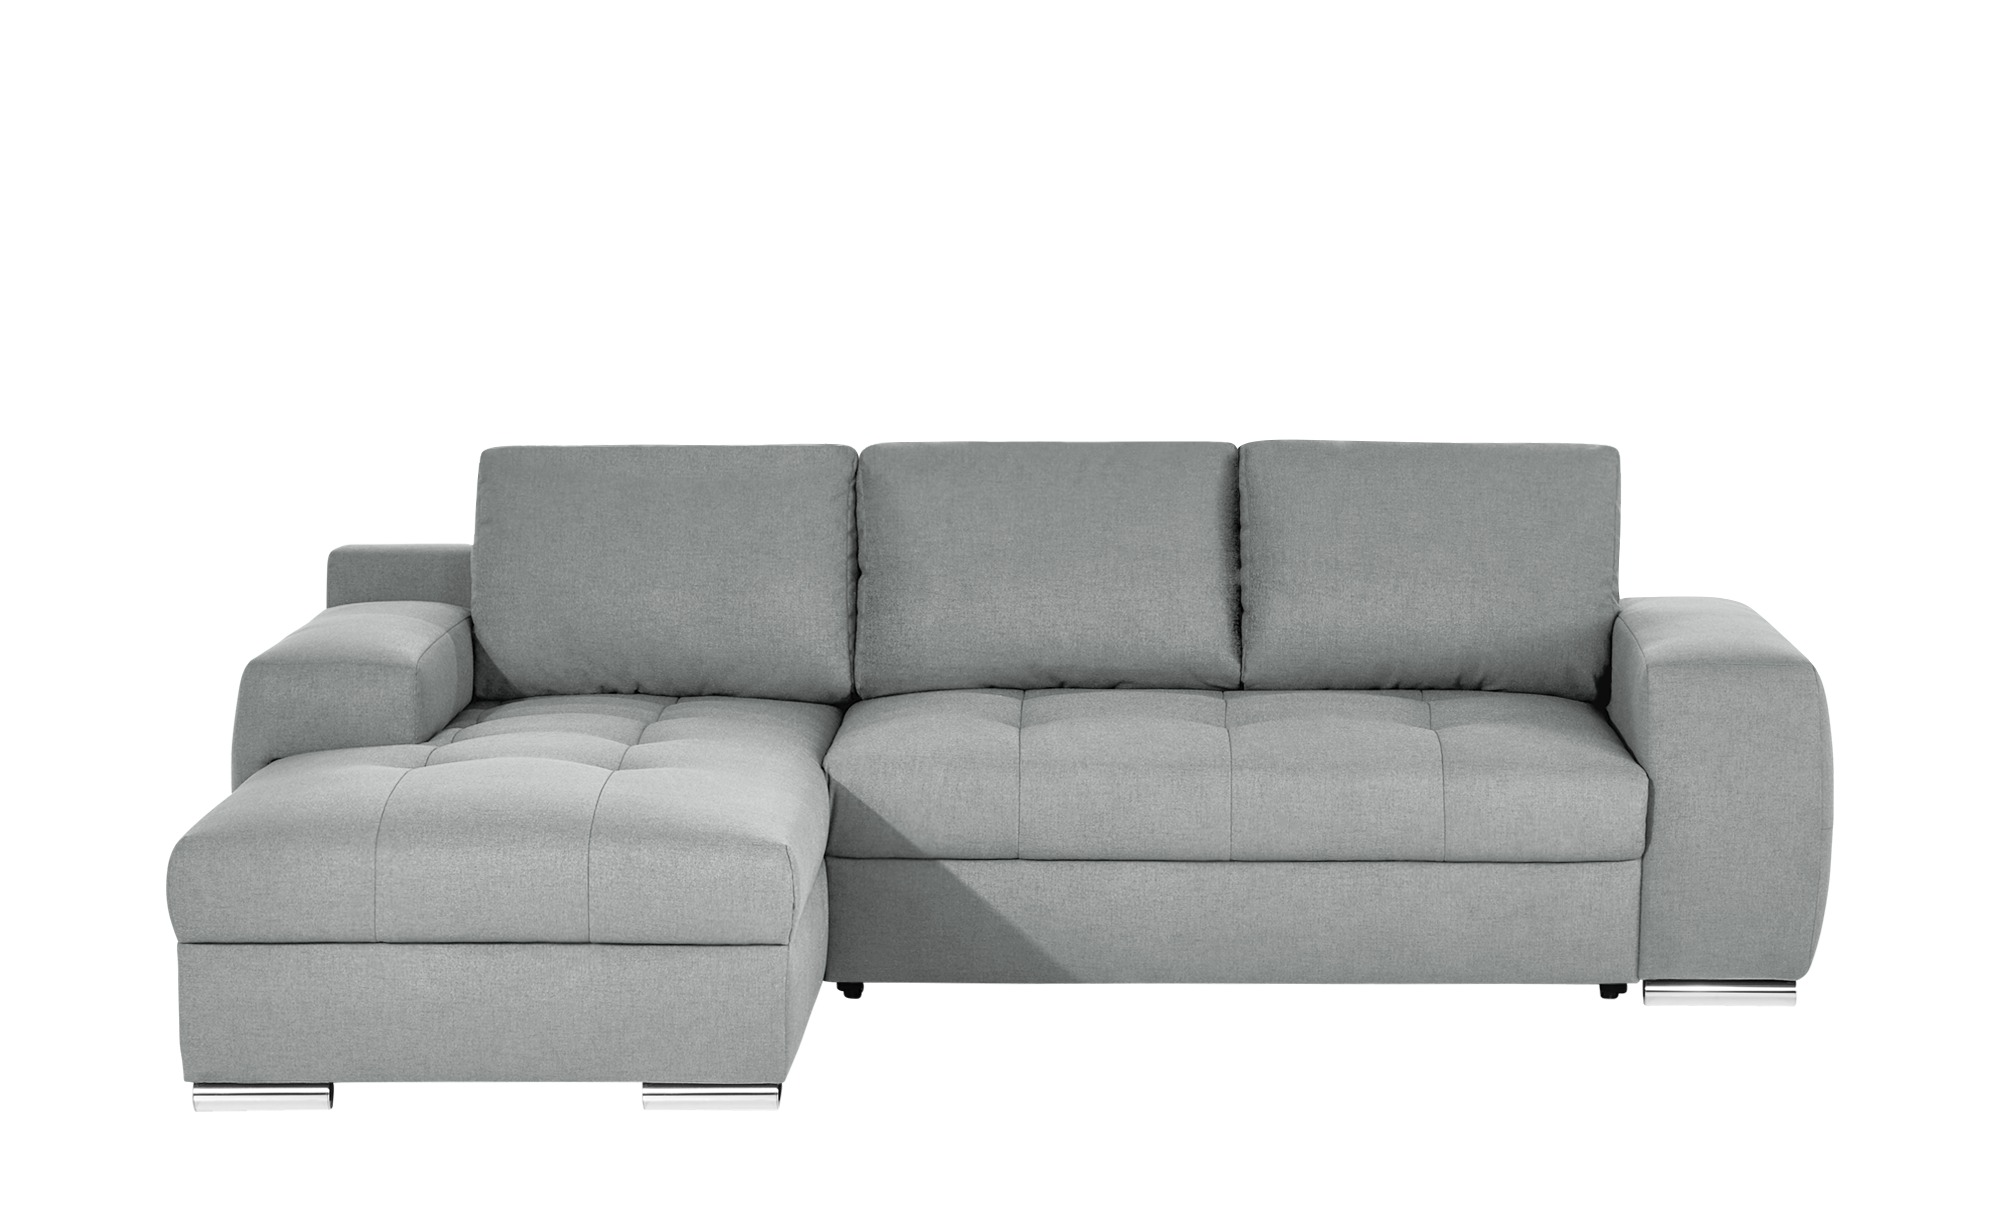 bobb ecksofa mit schlaffunktion fraja breite 90 cm h he 270 cm silber online kaufen bei woonio. Black Bedroom Furniture Sets. Home Design Ideas